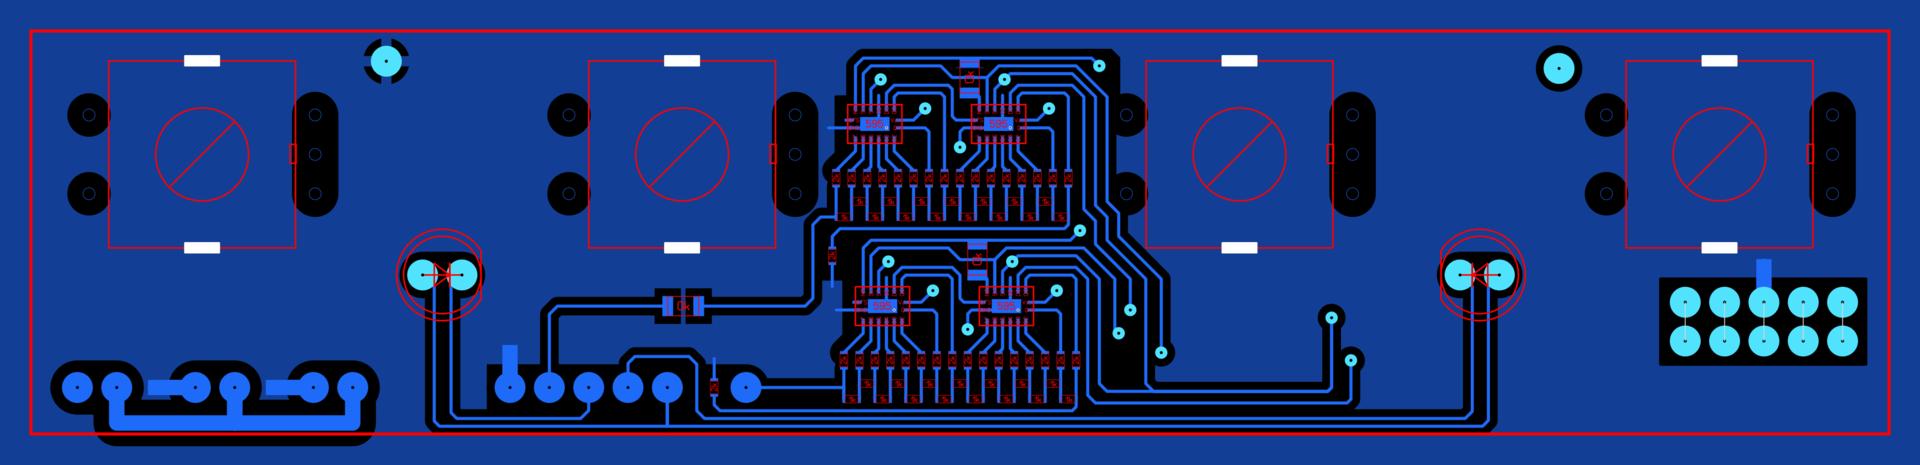 Замена аналоговой регулировки на цифровую в лабораторном блоке питания HY3005D - 7